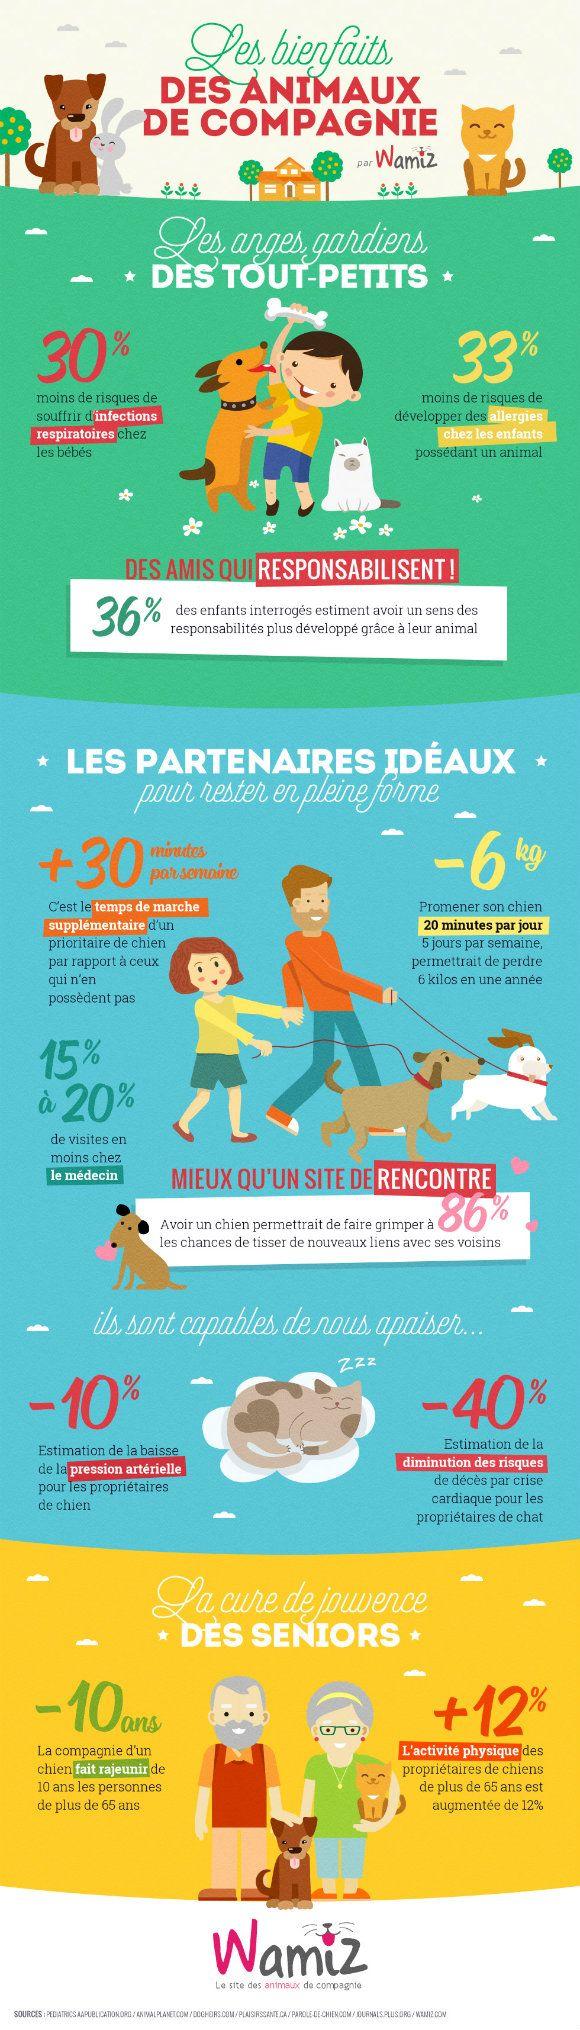 Les bienfaits des animaux de compagnie pour les humains en une infographie ! - Société - Wamiz